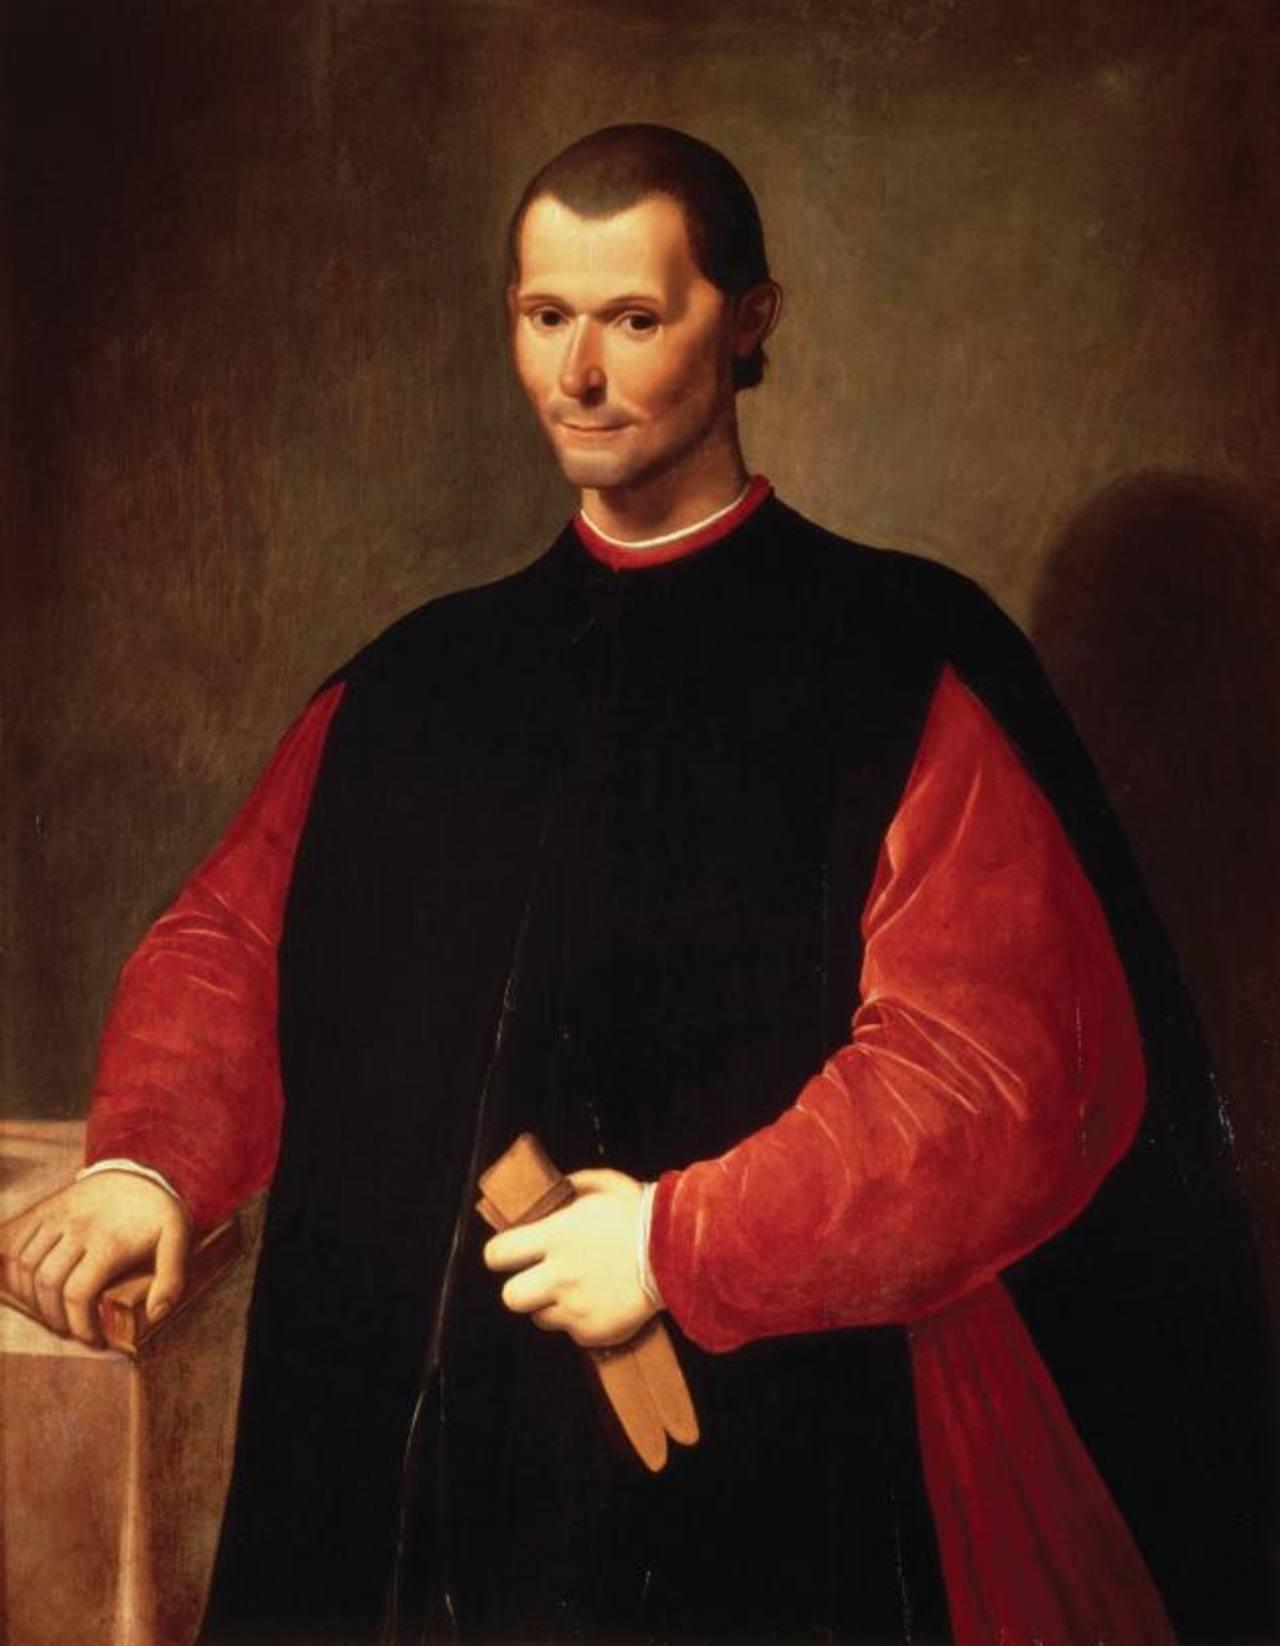 Las comedias de Maquiavelli: ordenar los deseos privados para ordenar la vida política